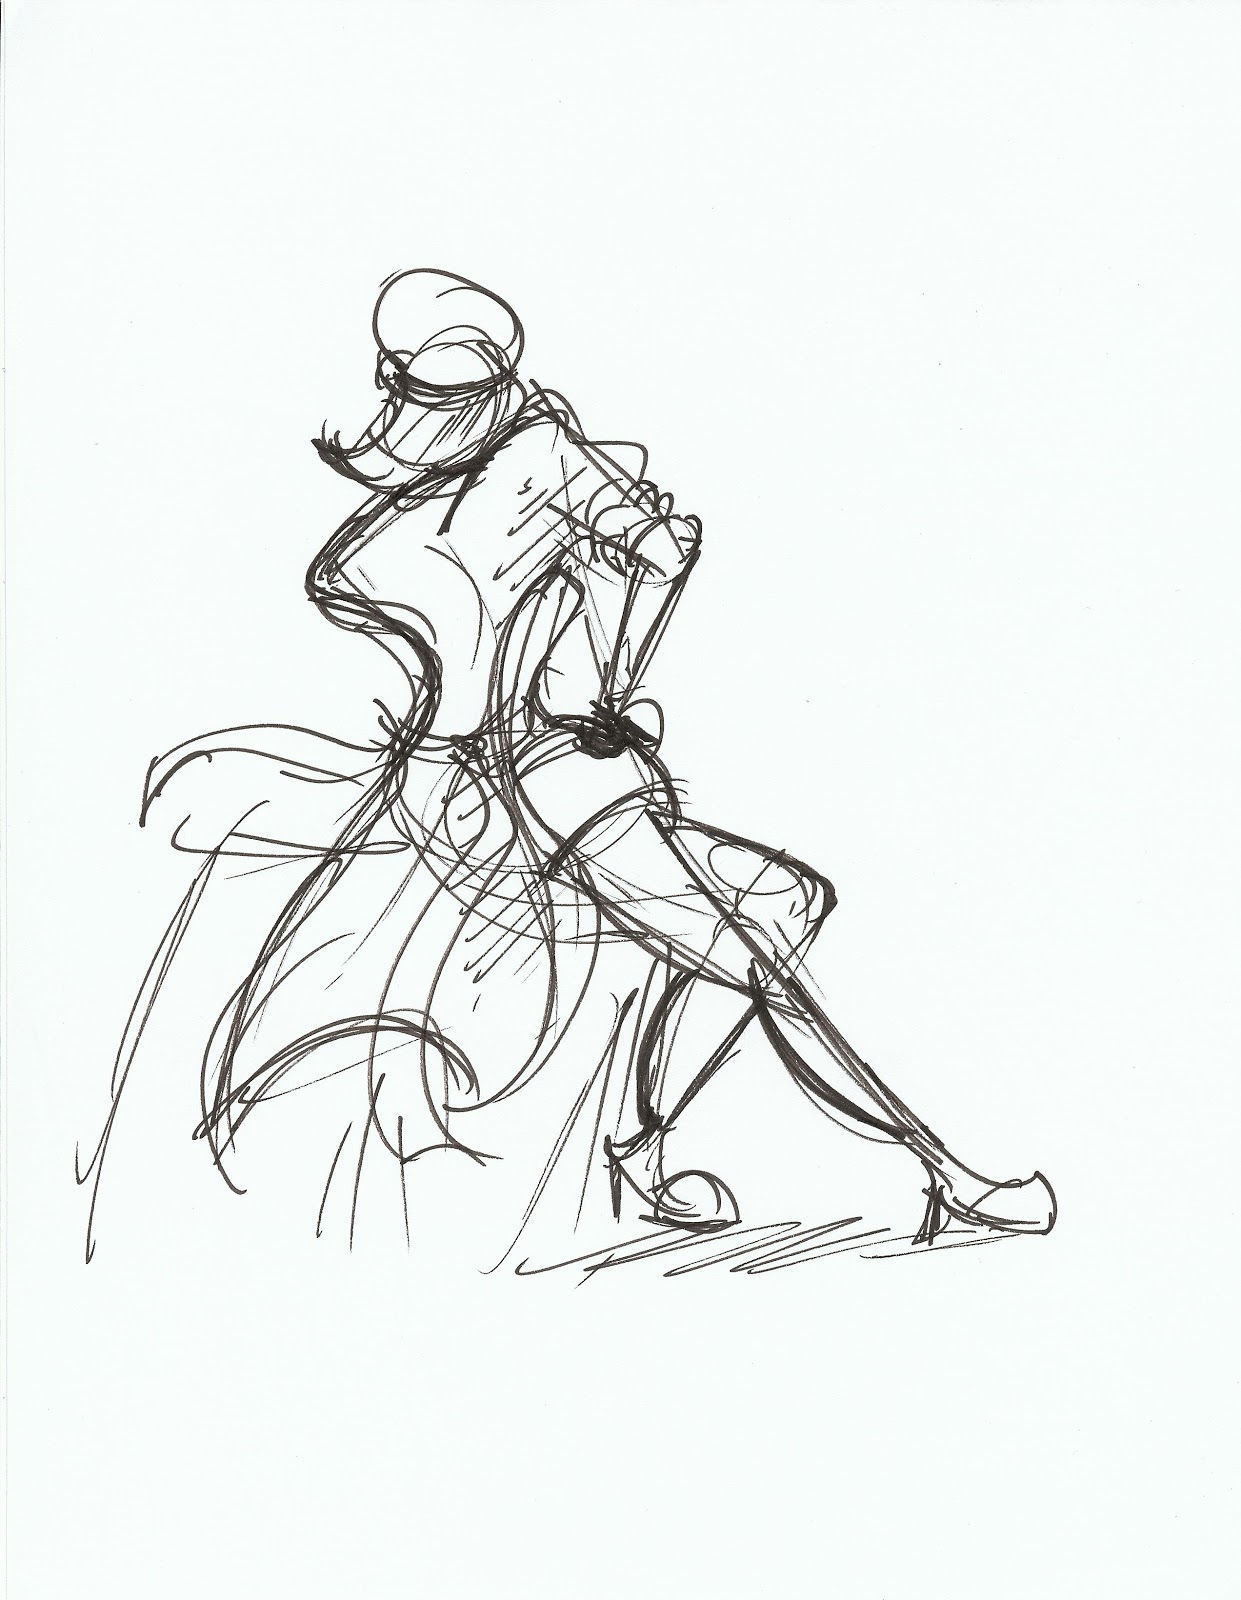 GREG JONES JR.'S SKETCHBOOK: CTN Gesture Drawing After Dark